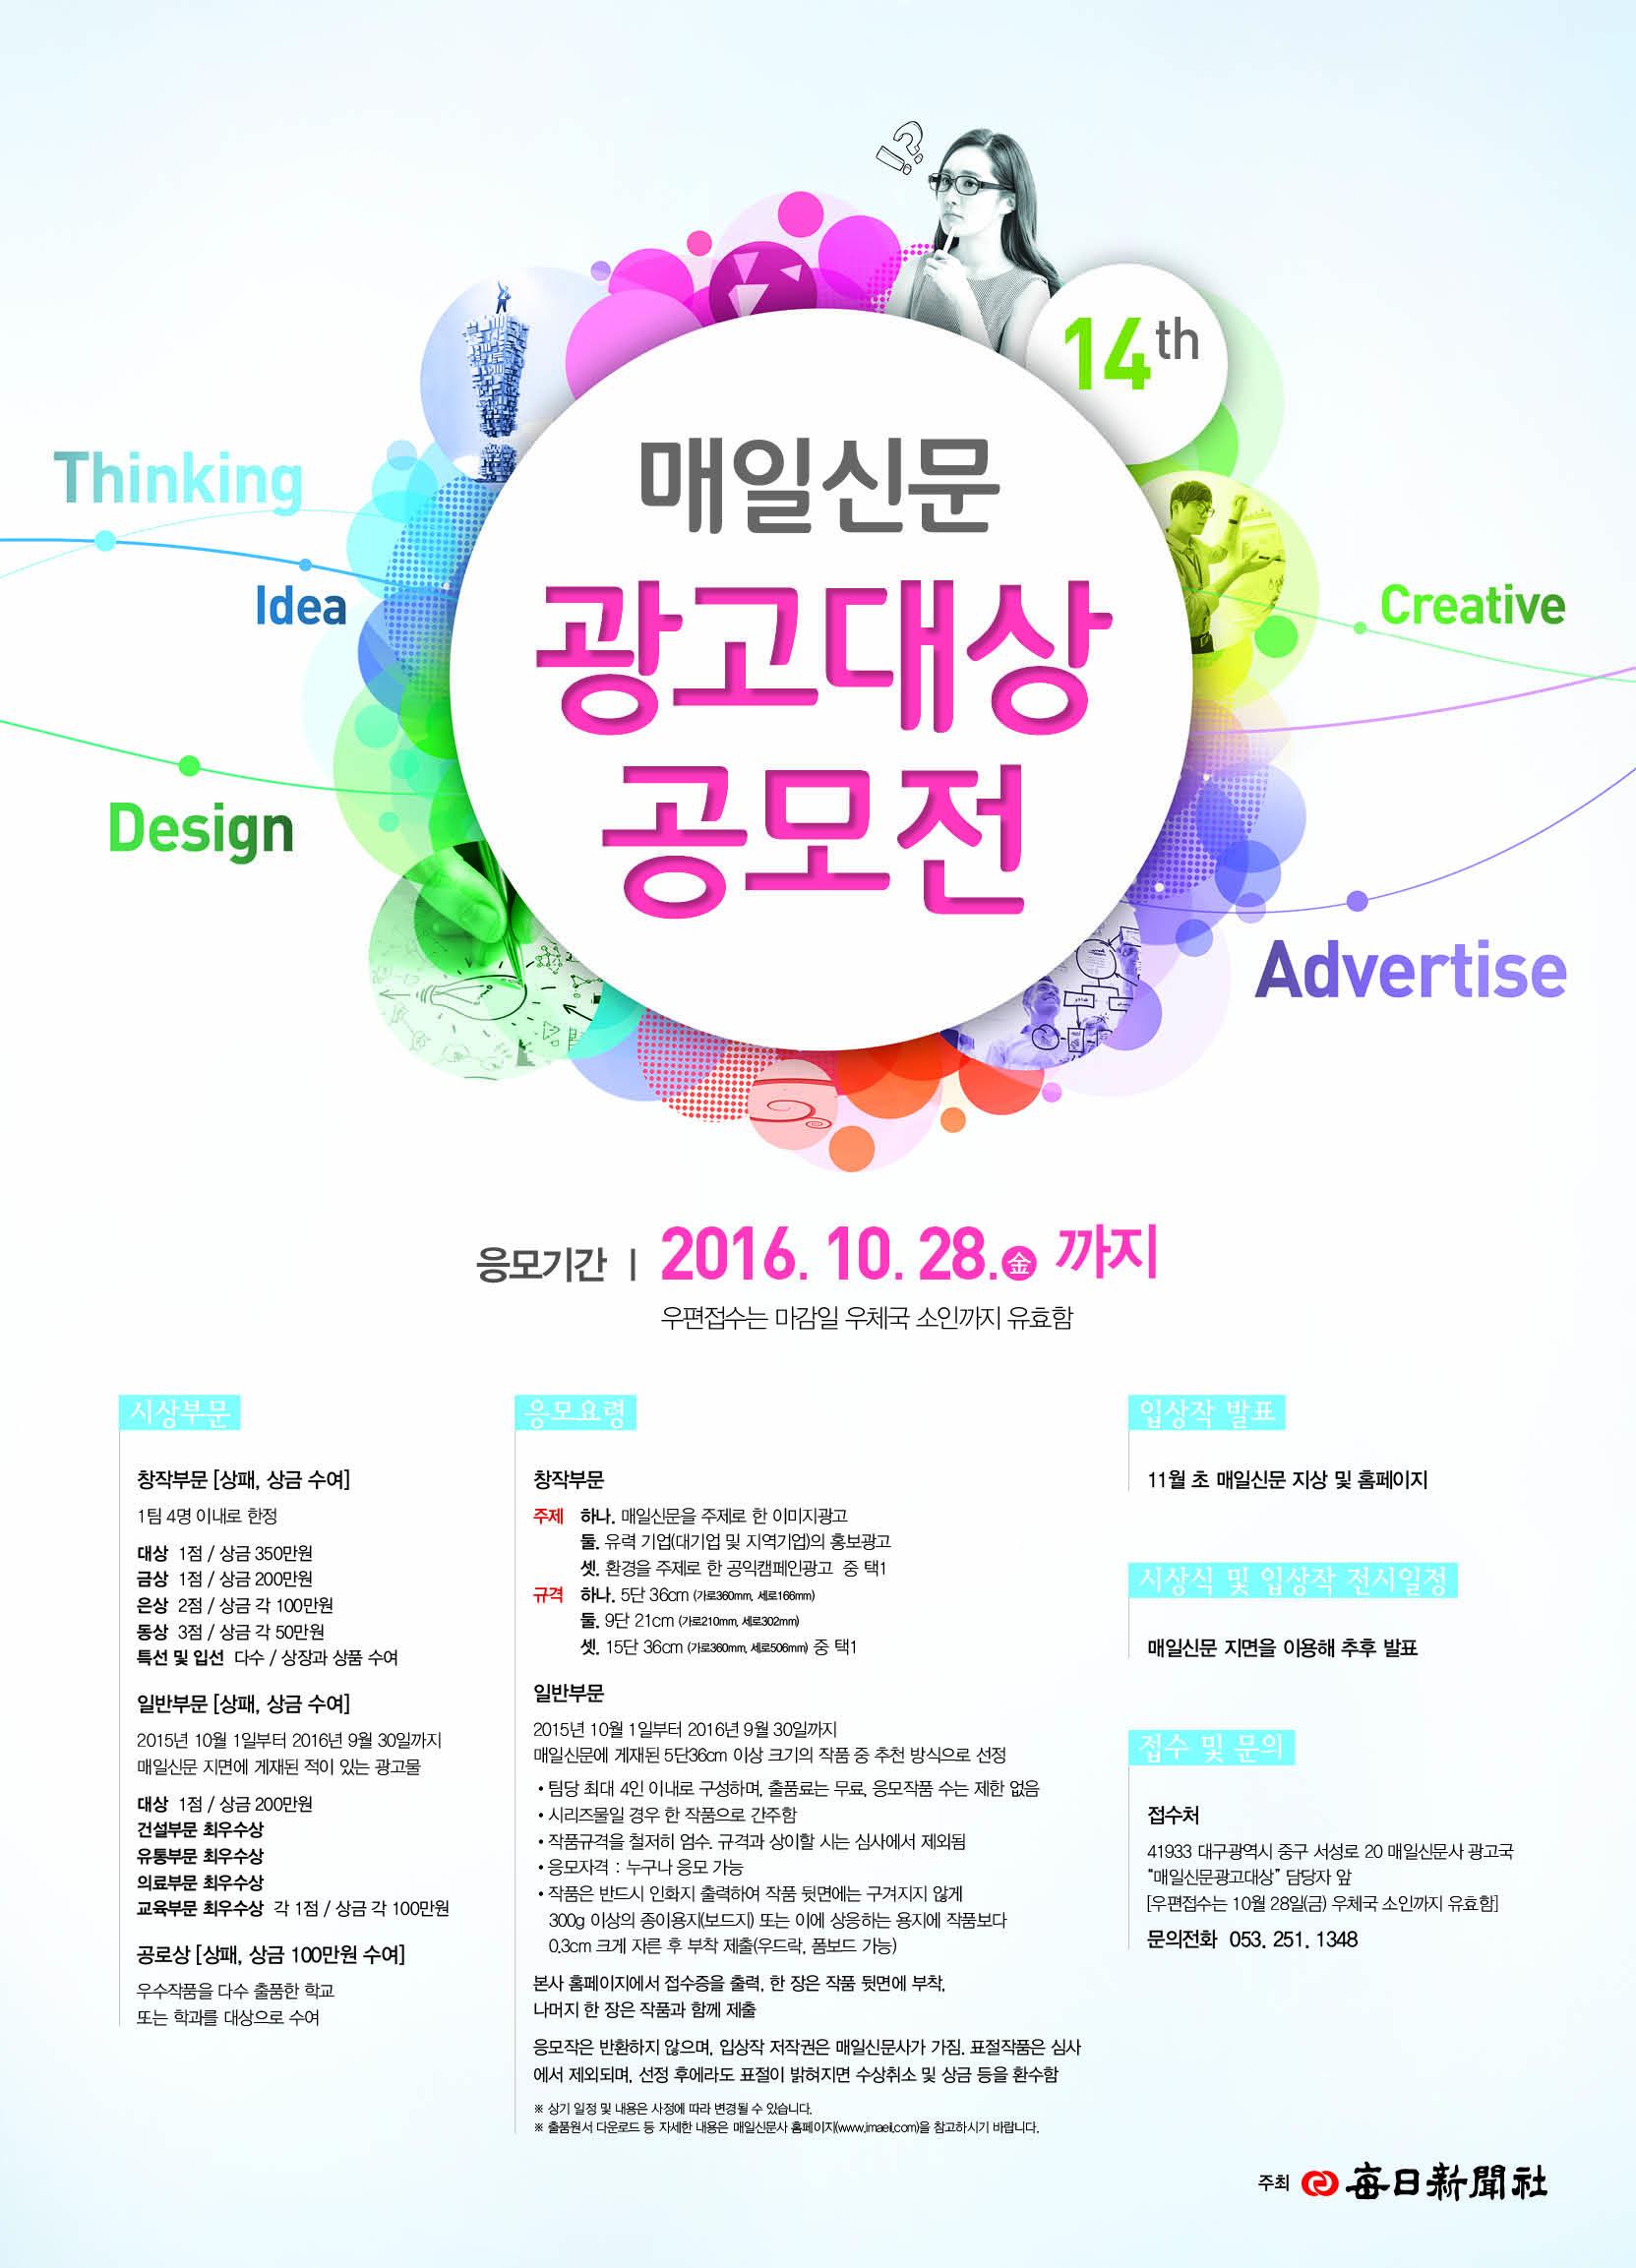 2016 제14회 매일신문 광고대상 공모전